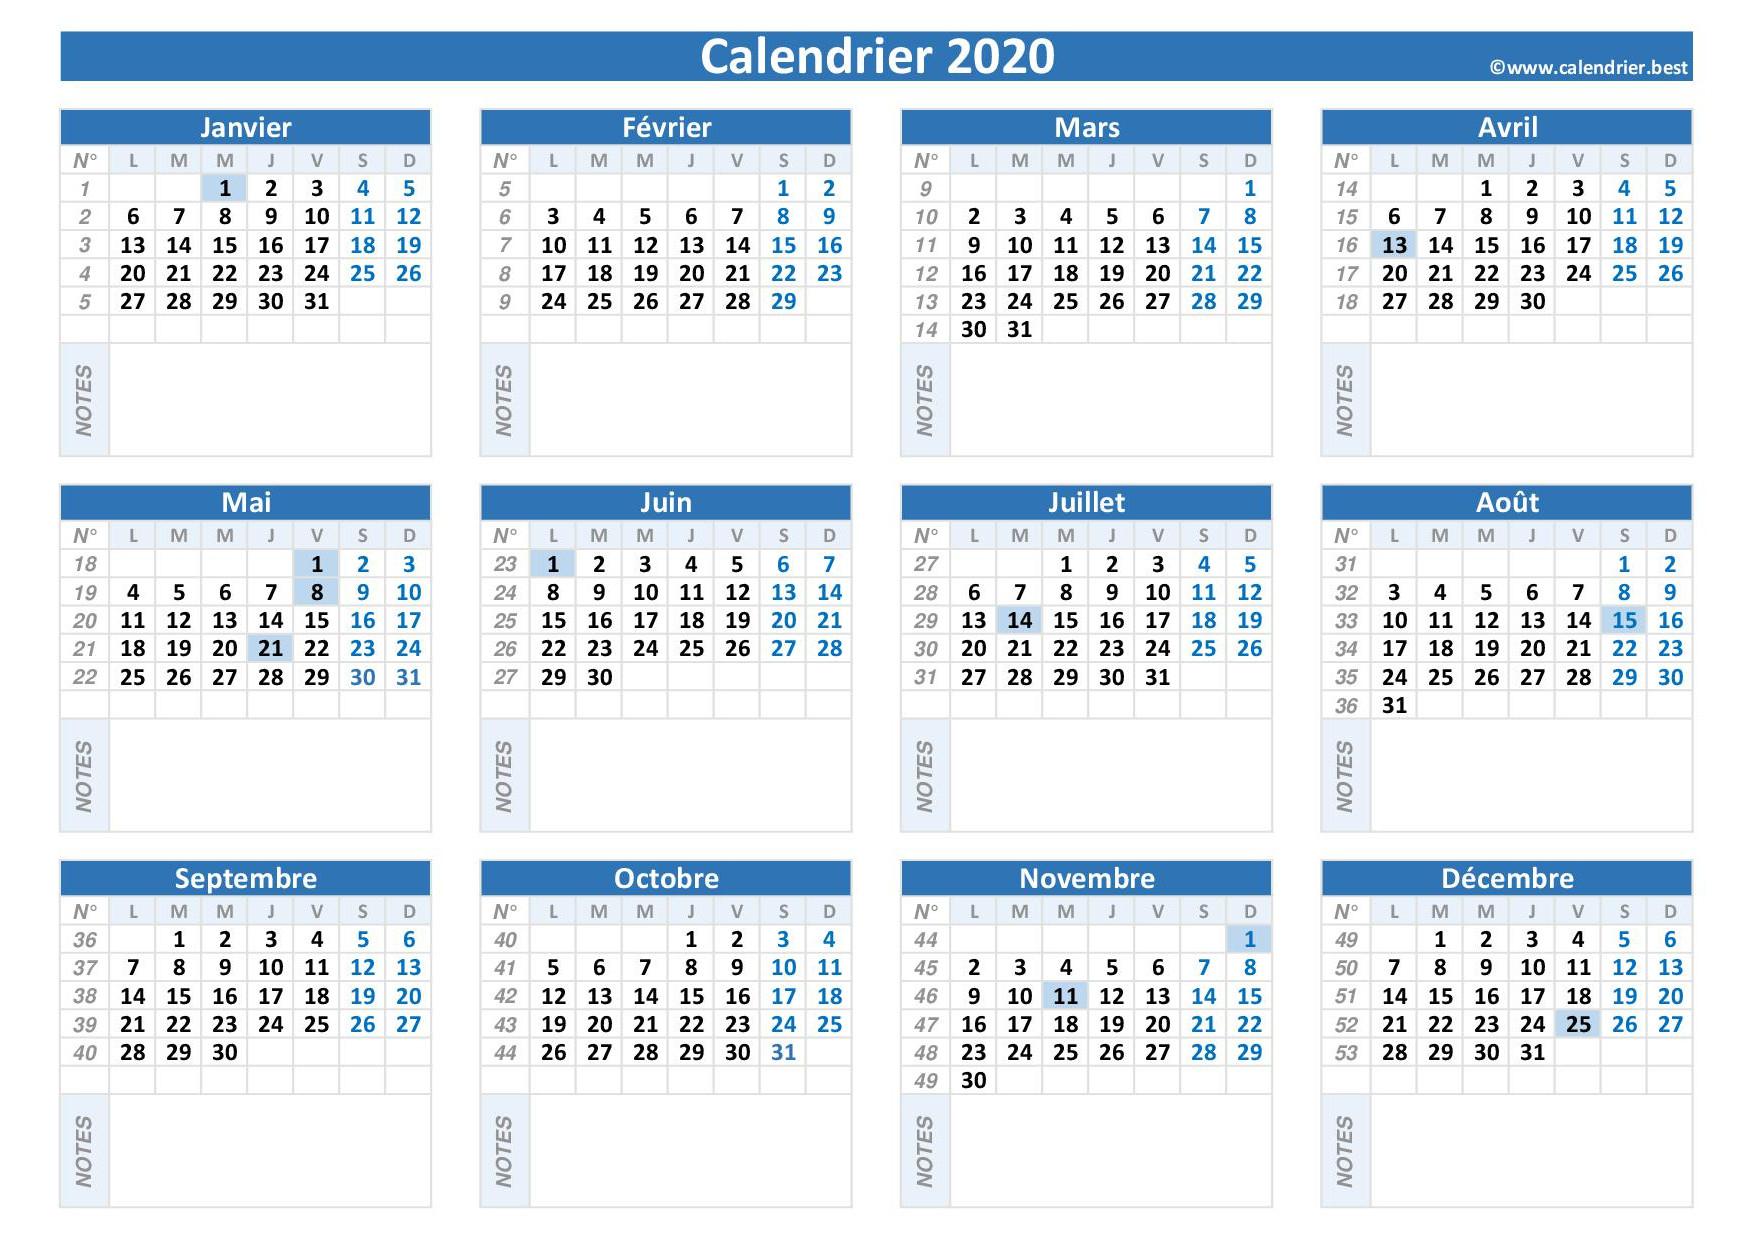 Calendrier 2020 Vierge À Imprimer -Calendrier.best intérieur Imprimer Des Calendriers